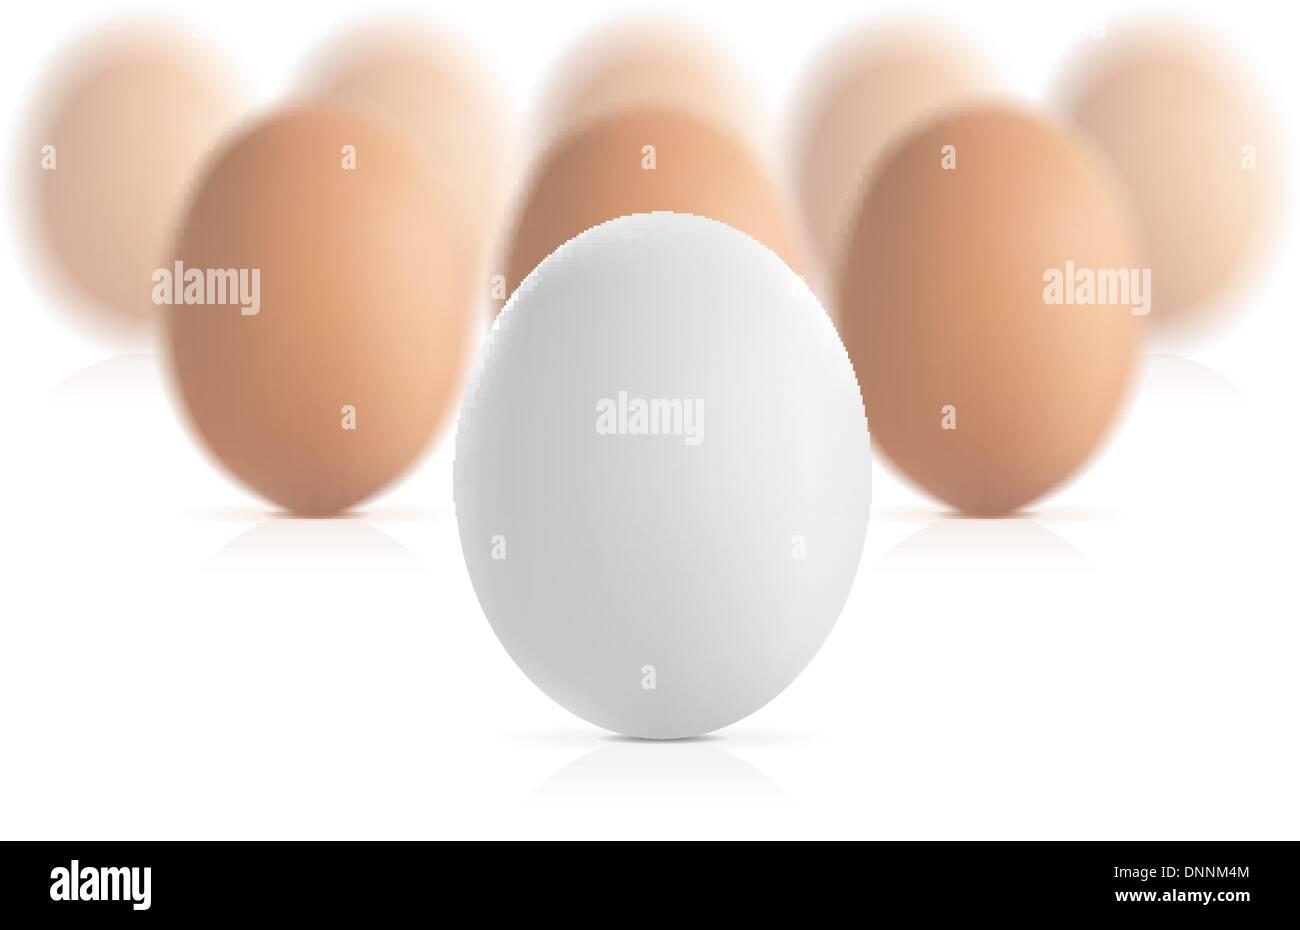 Concetto di uovo illustrazione vettoriale isolati su sfondo bianco Immagini Stock